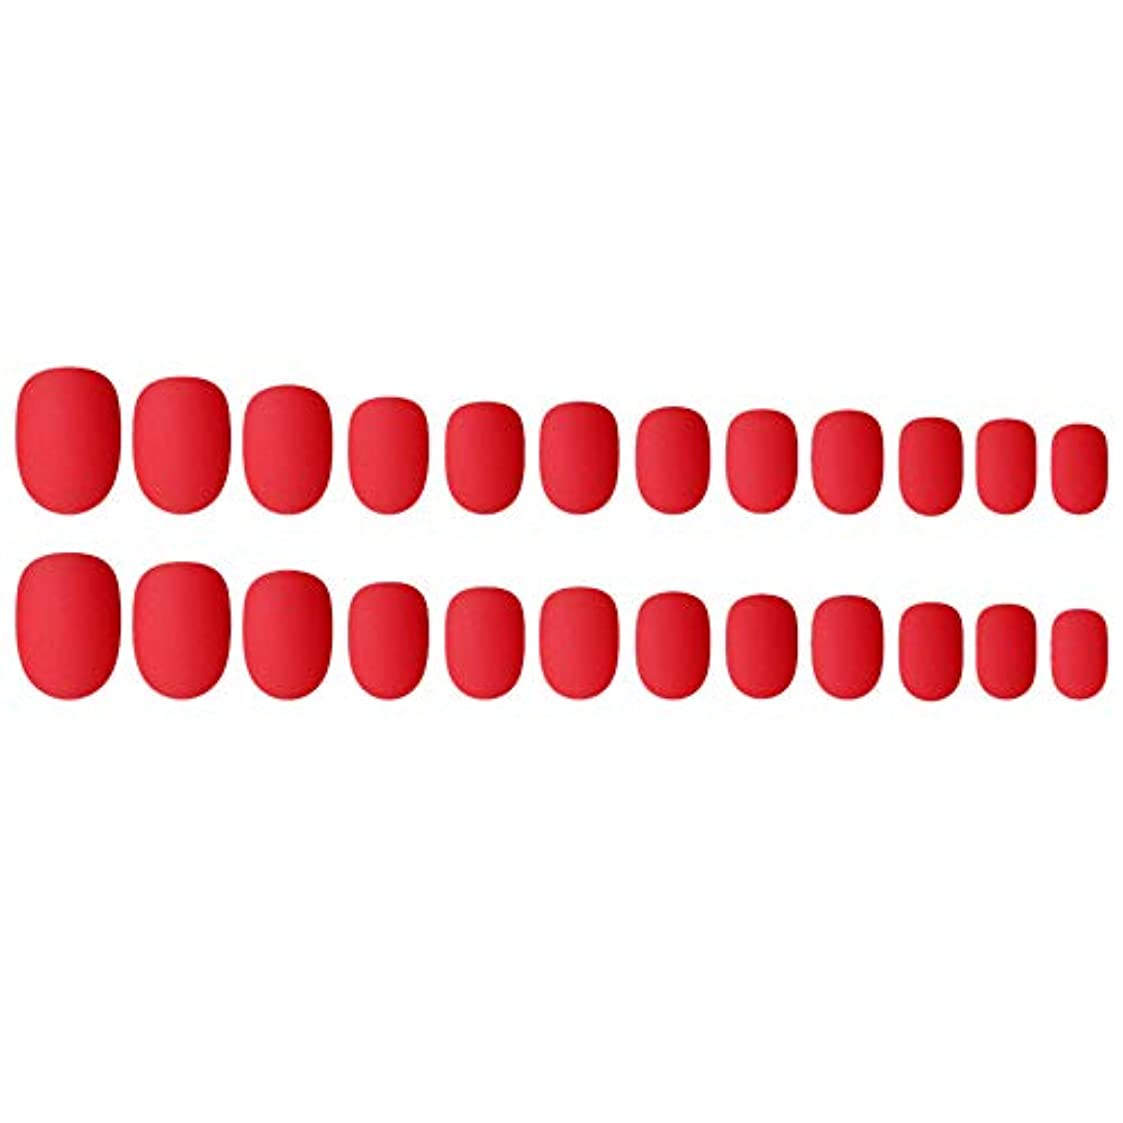 返済クリスチャンマガジンDecdeal ネイルチップ 24ピース 偽ネイルのヒント 12種類のサイズ ネイルサロン diy ネイルアートツール